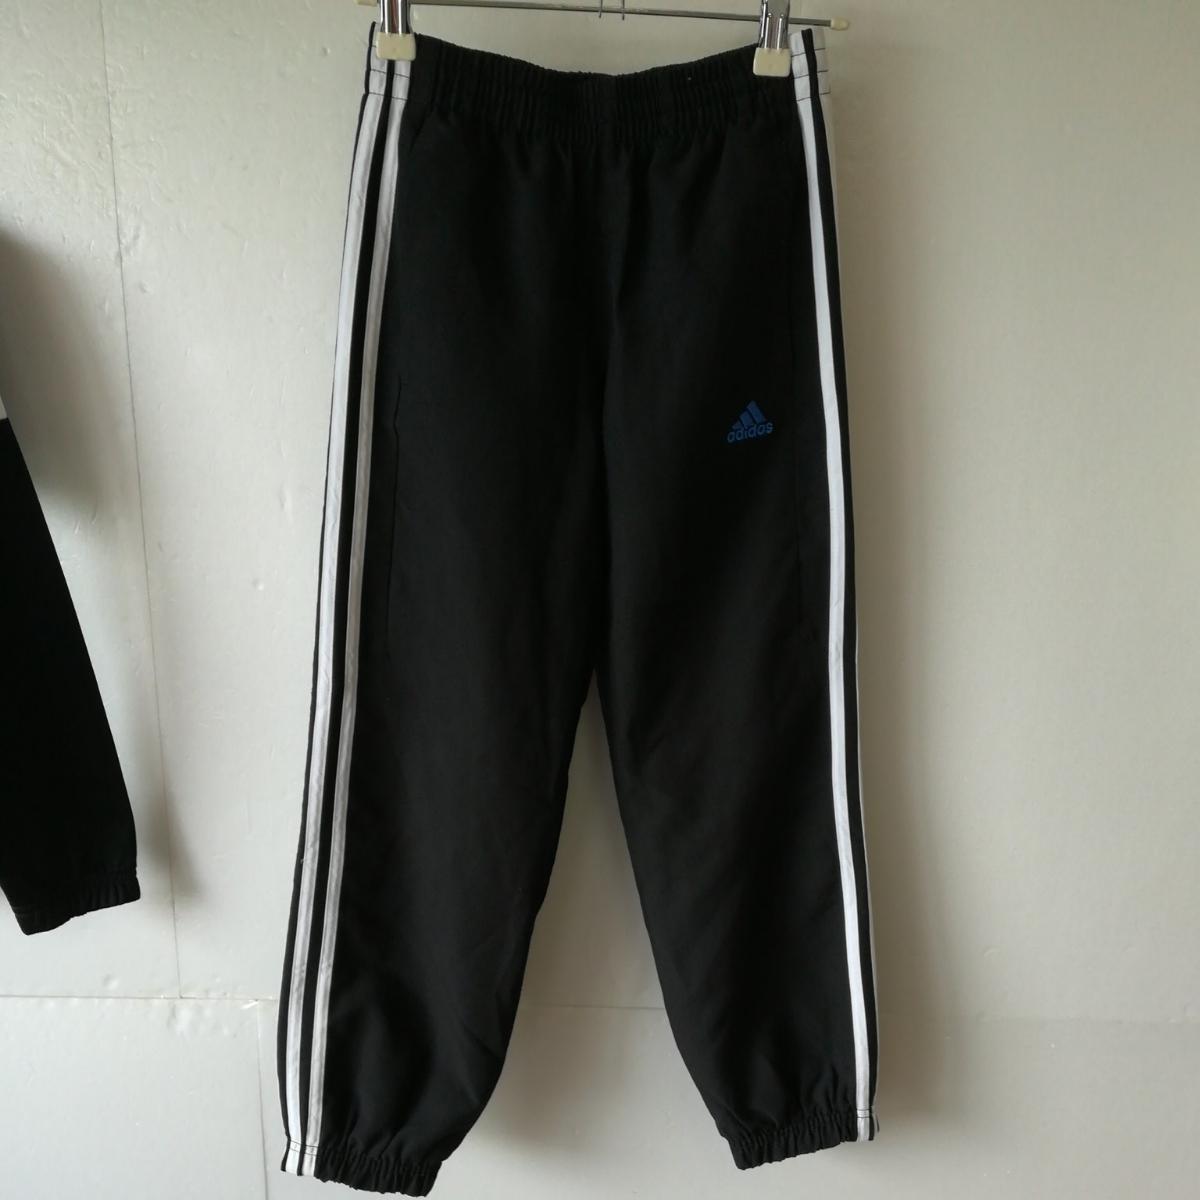 【一円】adidas アディダス ジャージ上着+スポーツウェアパンツ キッズ140/130サイズ 子供用_画像7